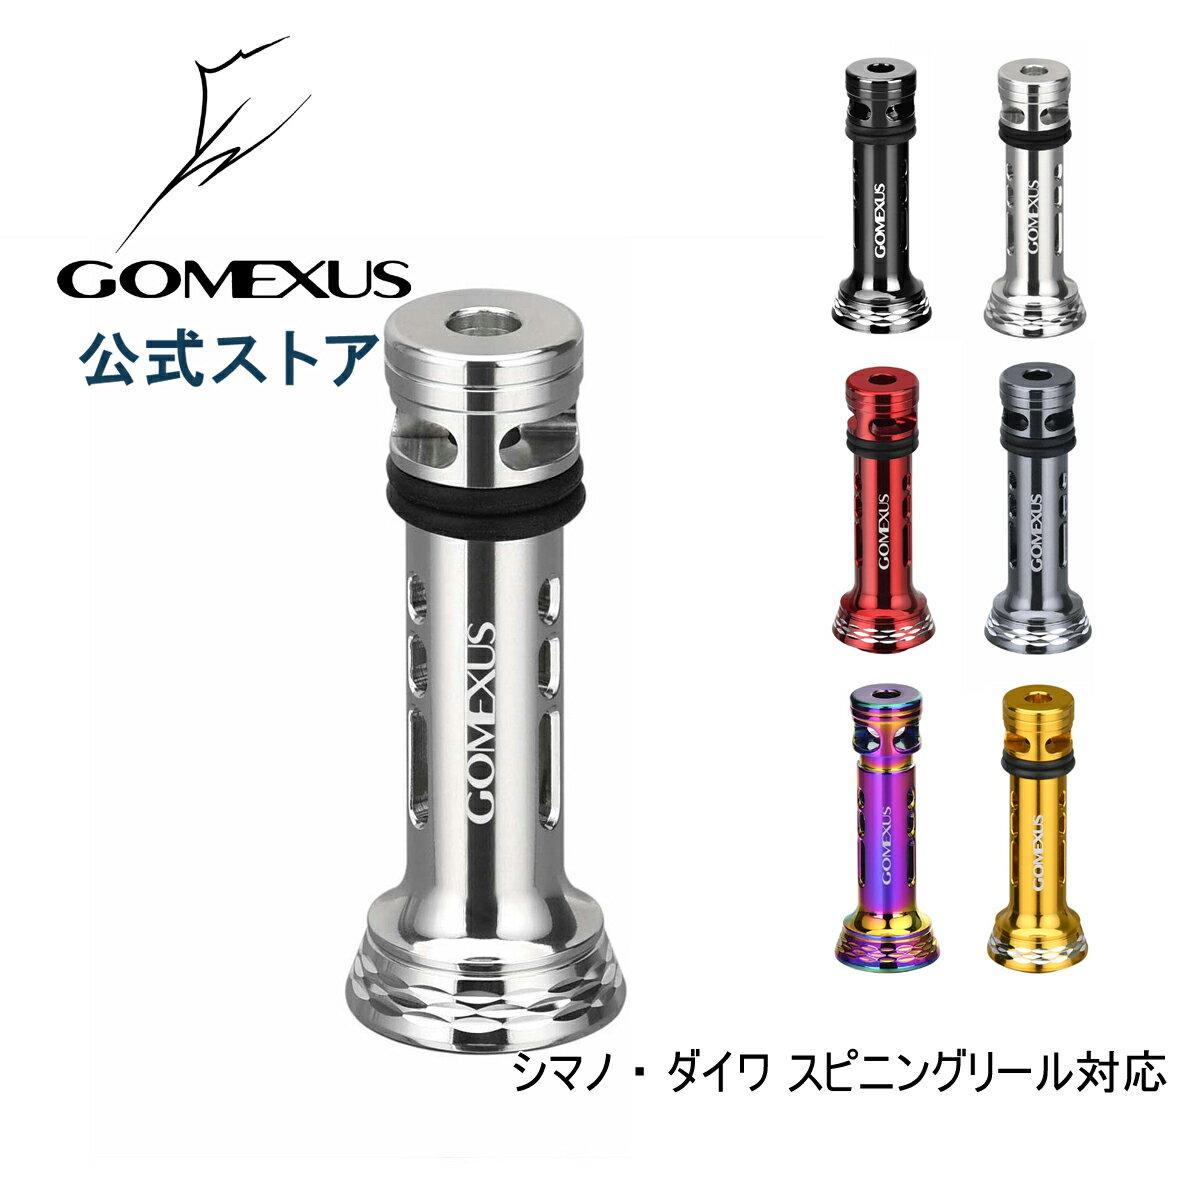 フィッシング, リールパーツ  shimano daiwa 17 3000-5000 19 15 16 1003-3012 48mm Gomexus